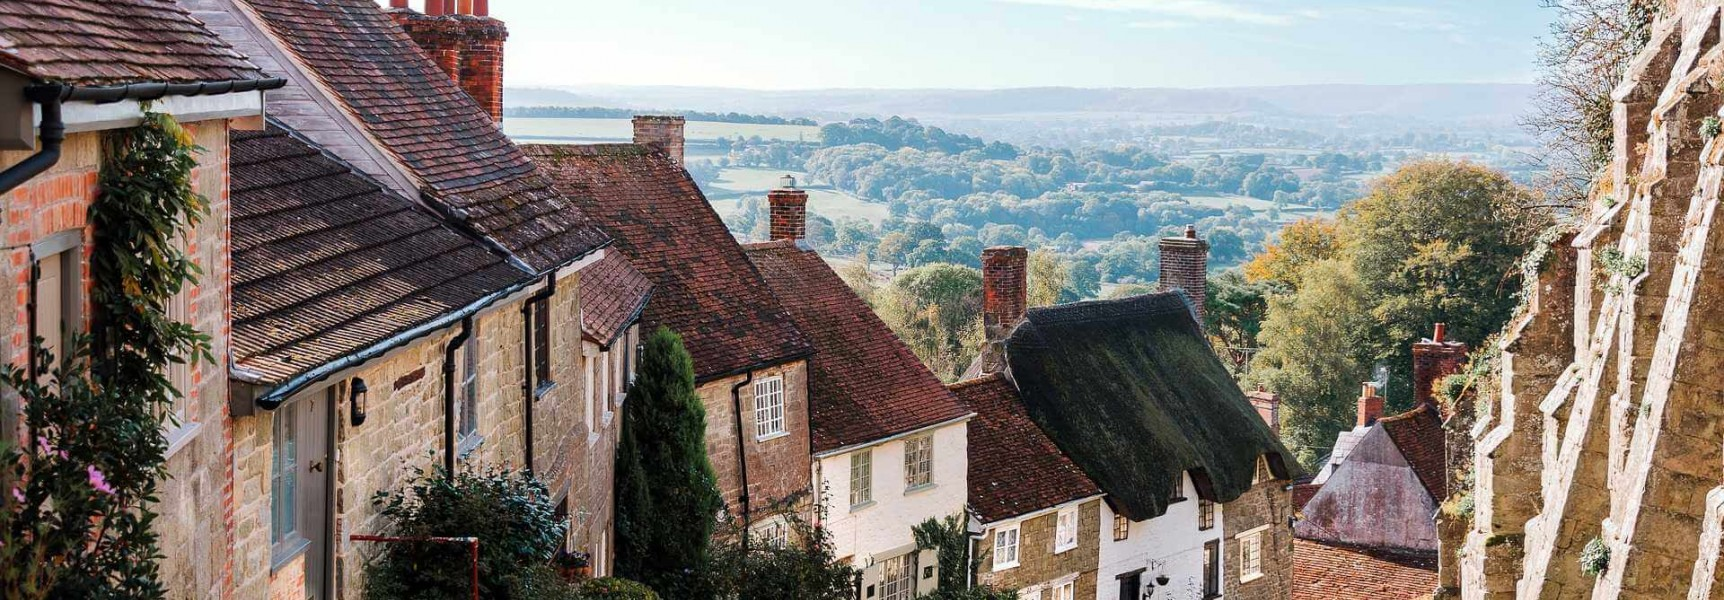 Ταξιδεύοντας στις ομορφότερες πόλεις της Αγγλίας